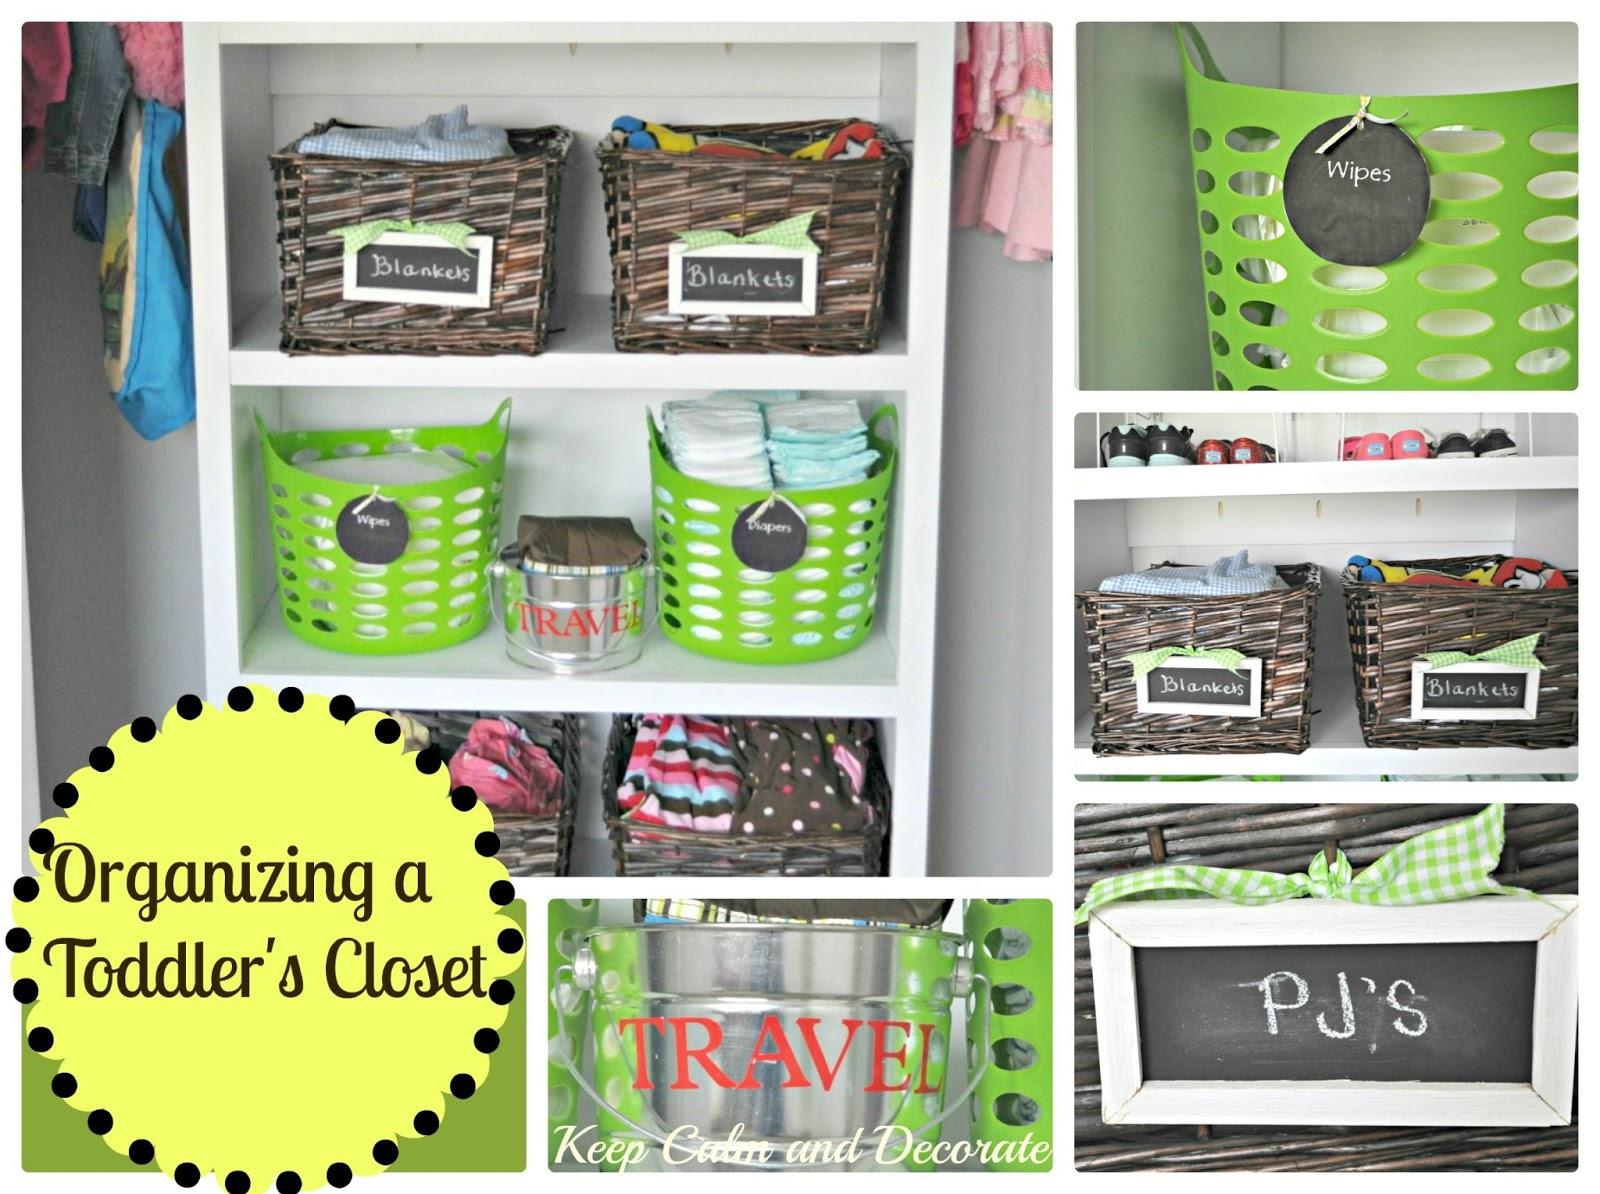 Organizing A Toddleru0027s Closet